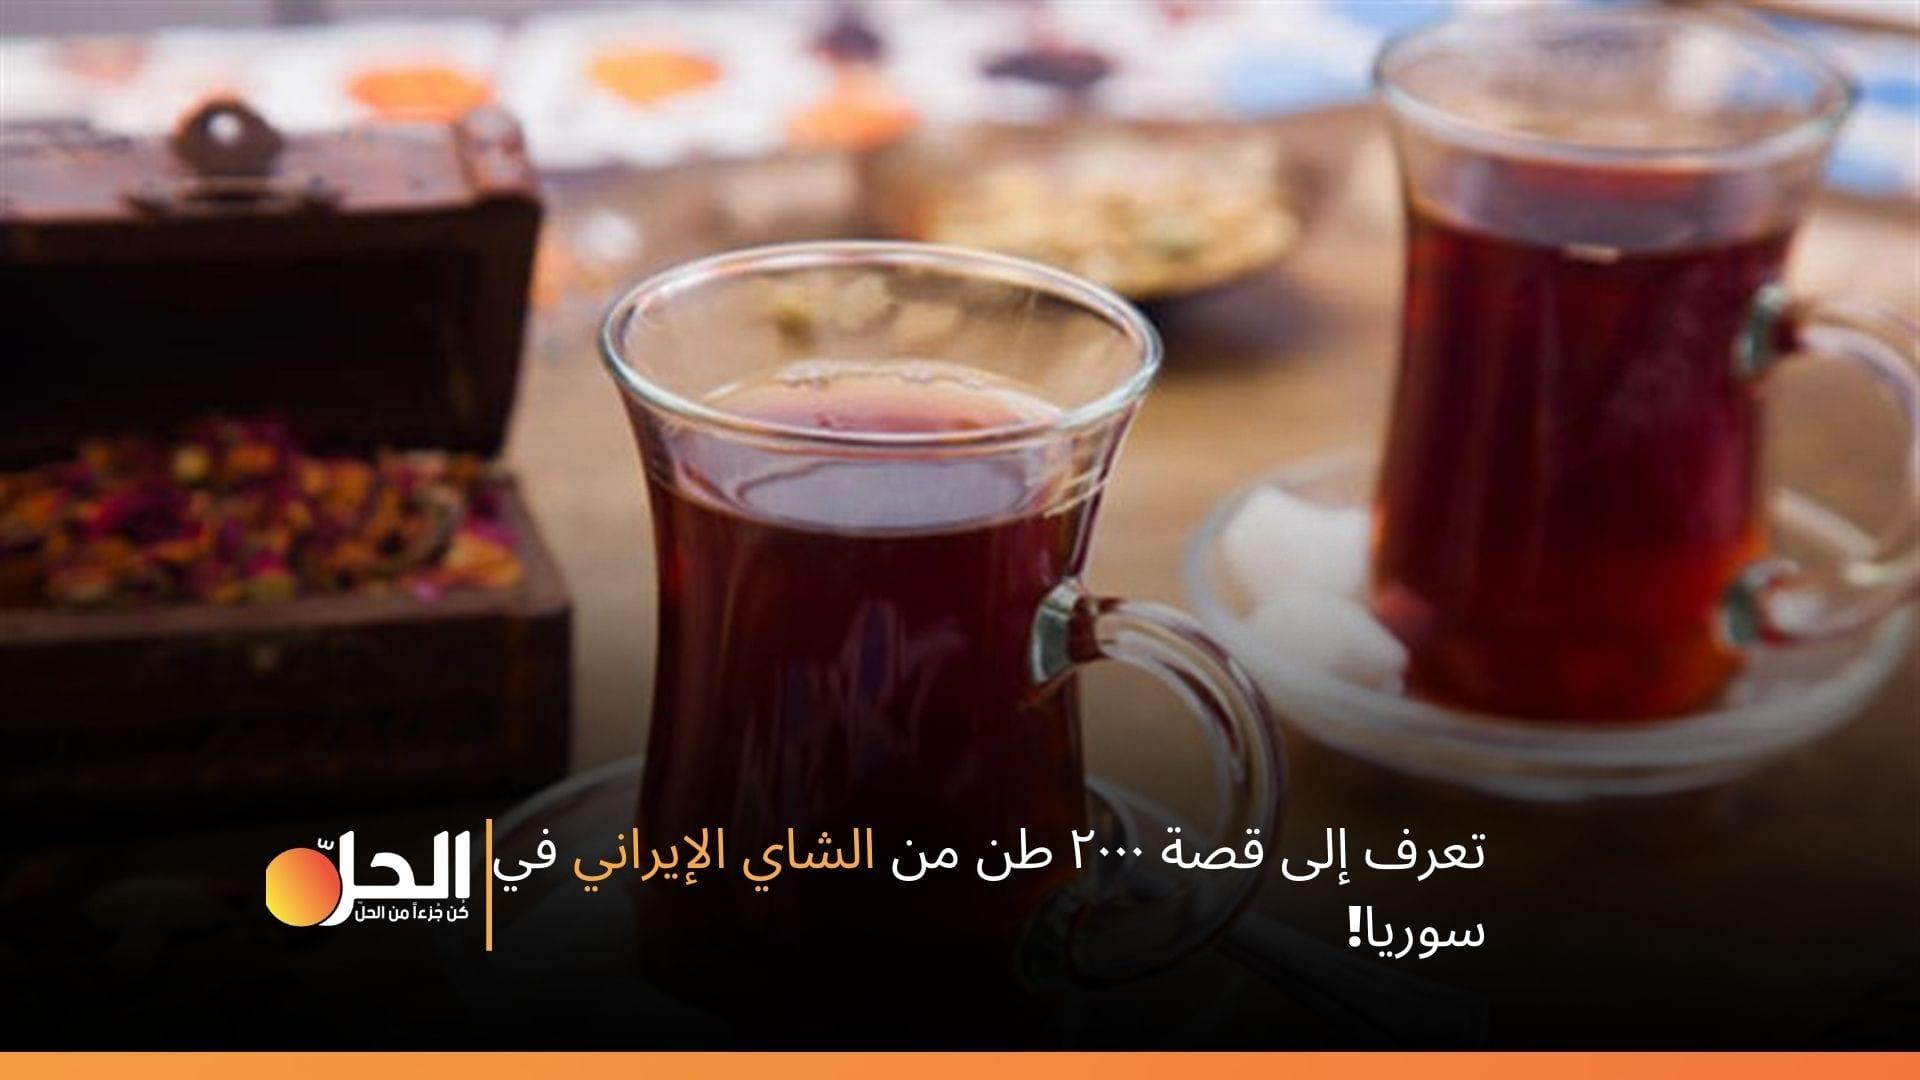 تعرف إلى قصة ٢٠٠٠ طن من الشاي الإيراني في سوريا!